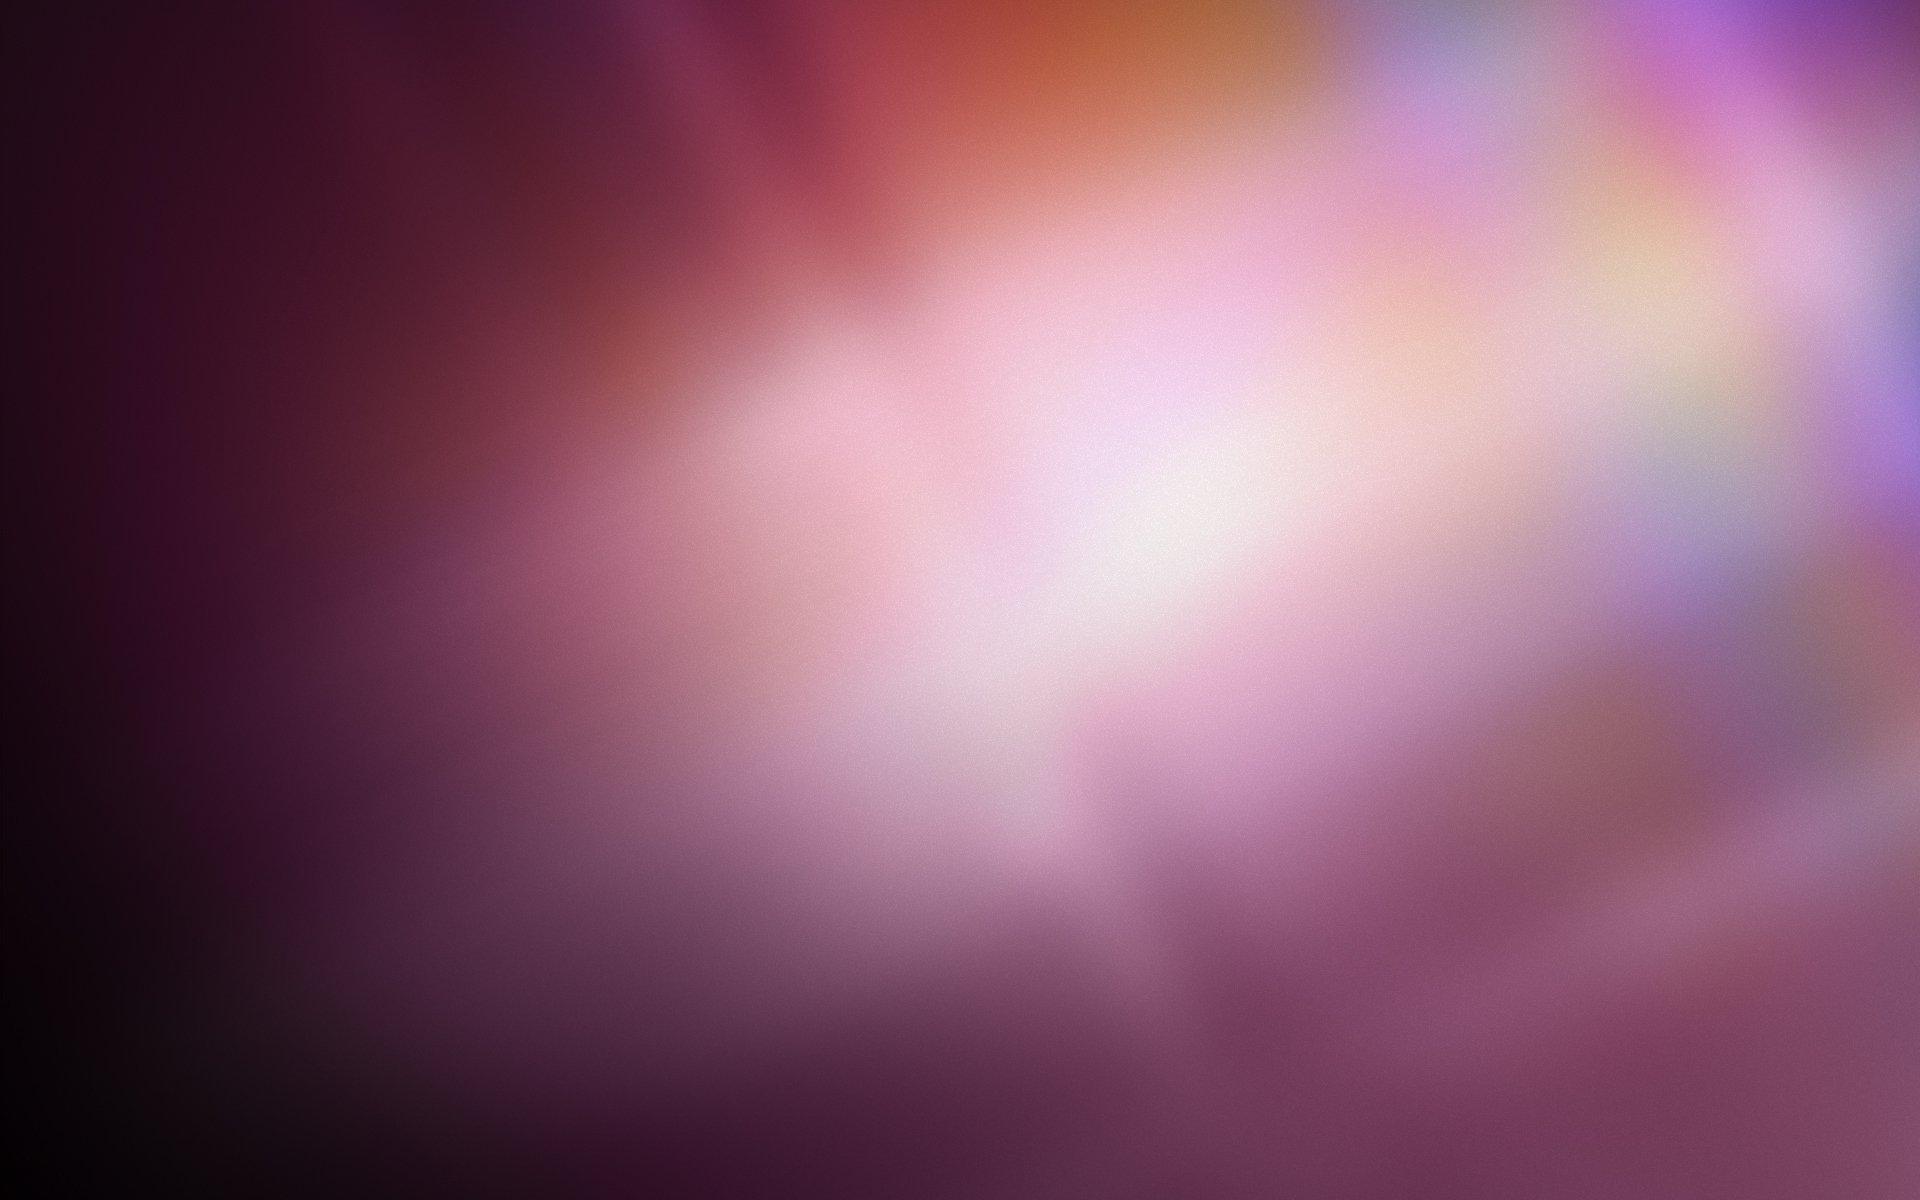 ubuntu wallpapers warty final wallpaper 1920x1200